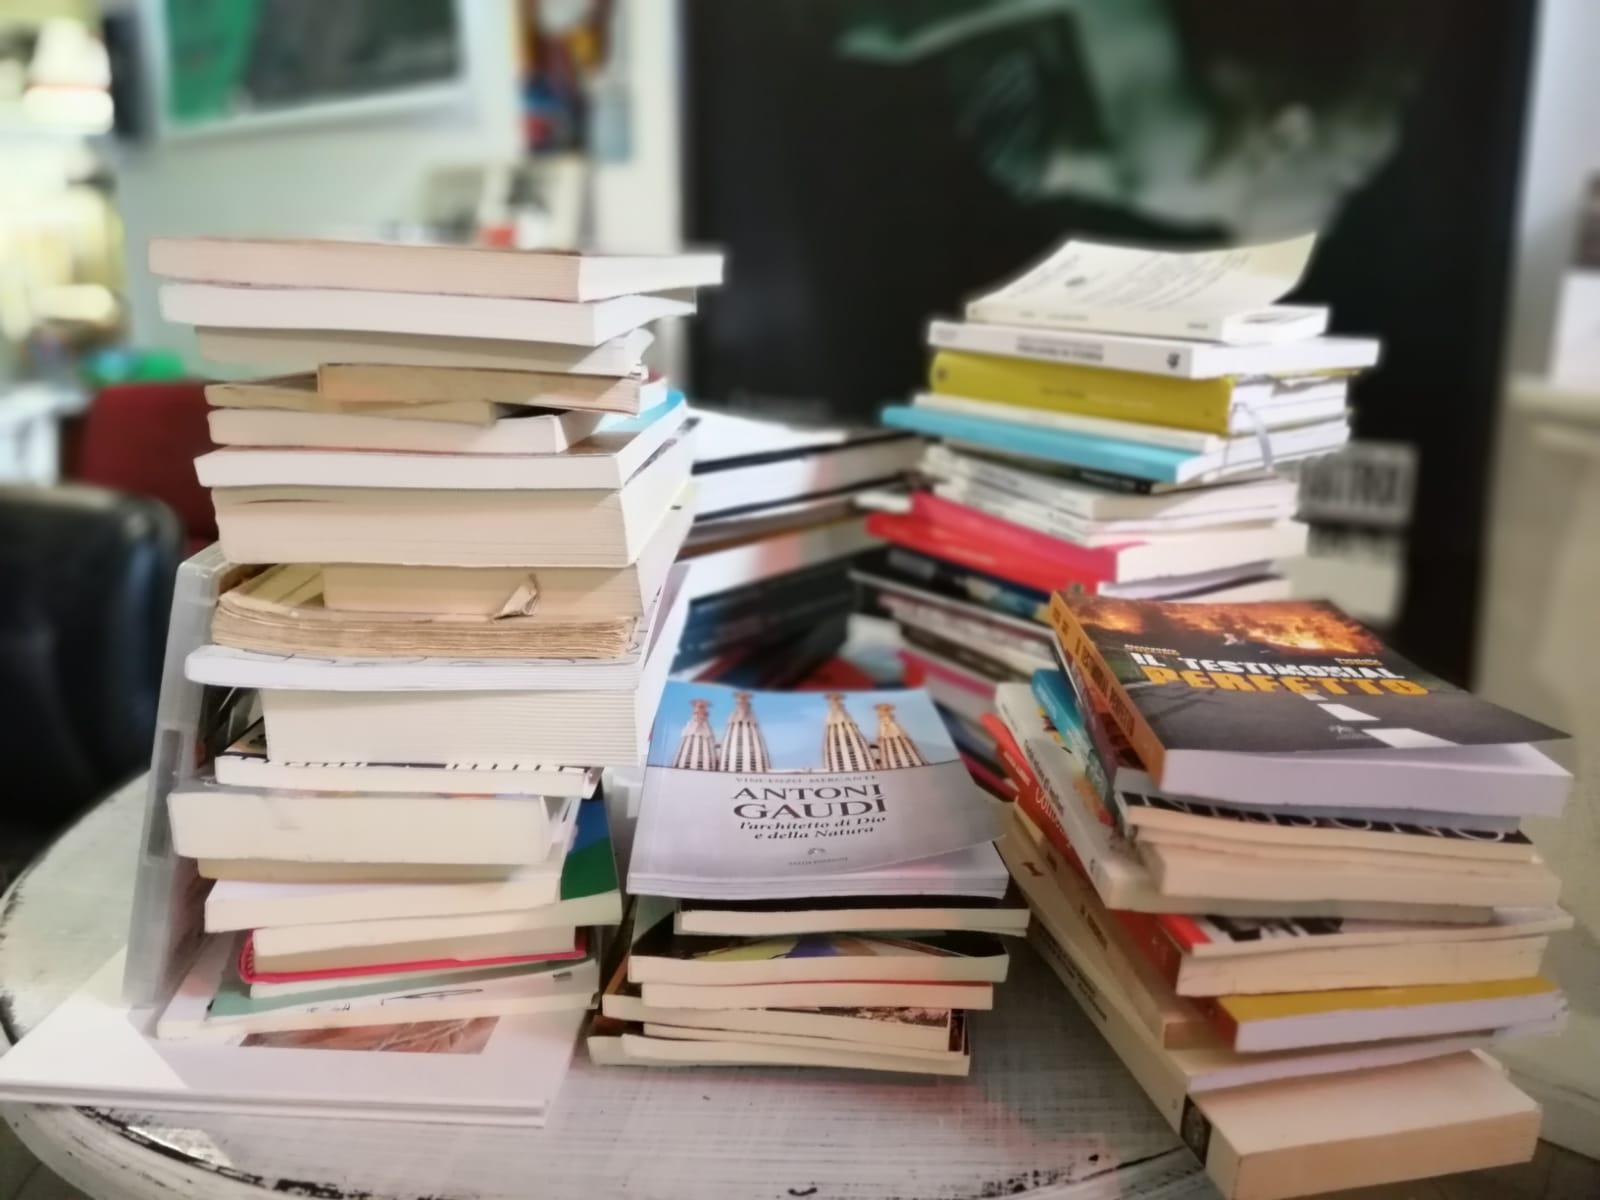 """Il Collettivo Manifest e la Biblioteca dello Spettacolo solidali a """"La pecora elettrica"""" di Roma, """"Bruciare libri significa annientare il pensiero"""""""